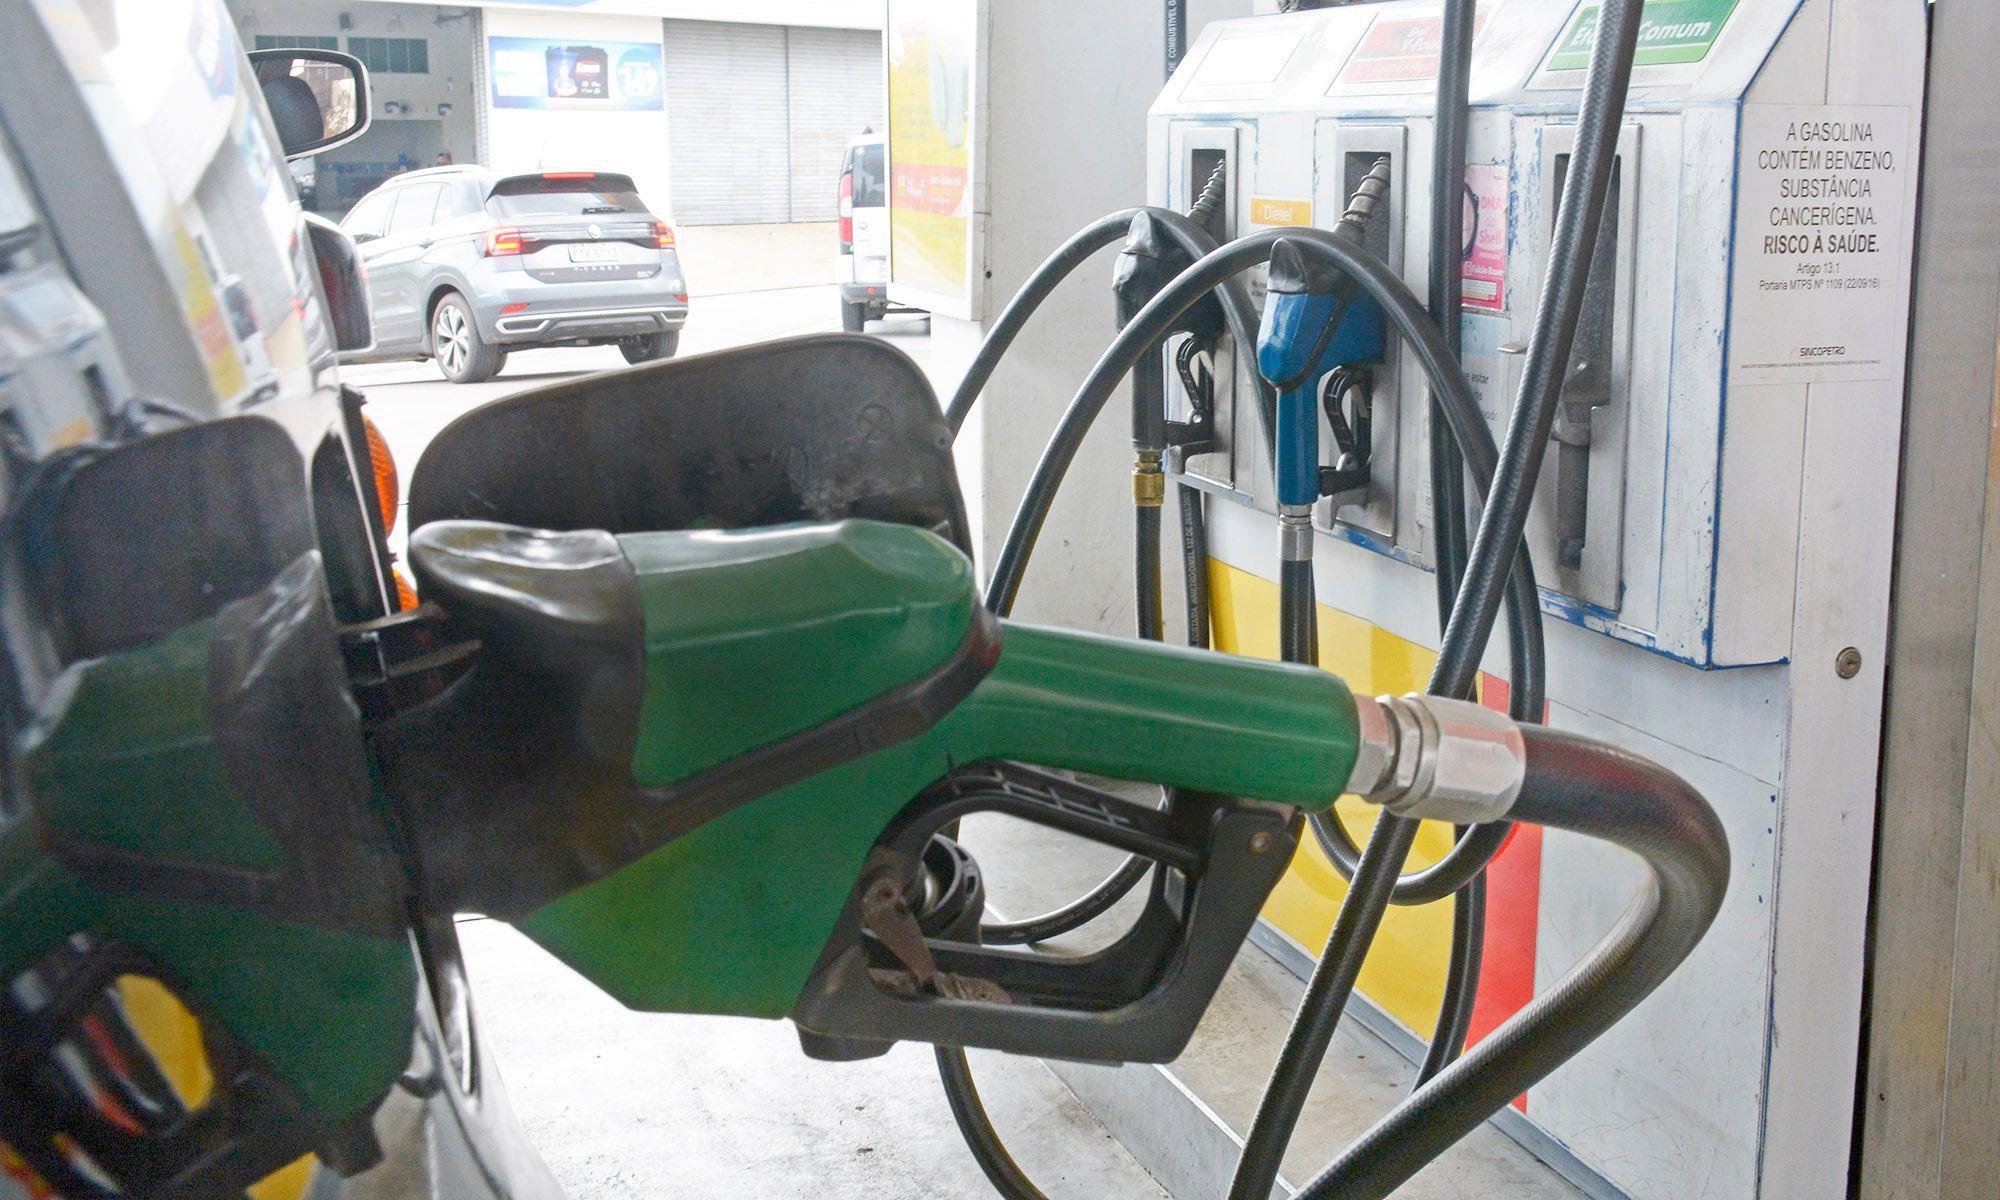 gasolina, combustível, diesel, petrobras, , Arquivo/Foguinho Imprensa SMetal